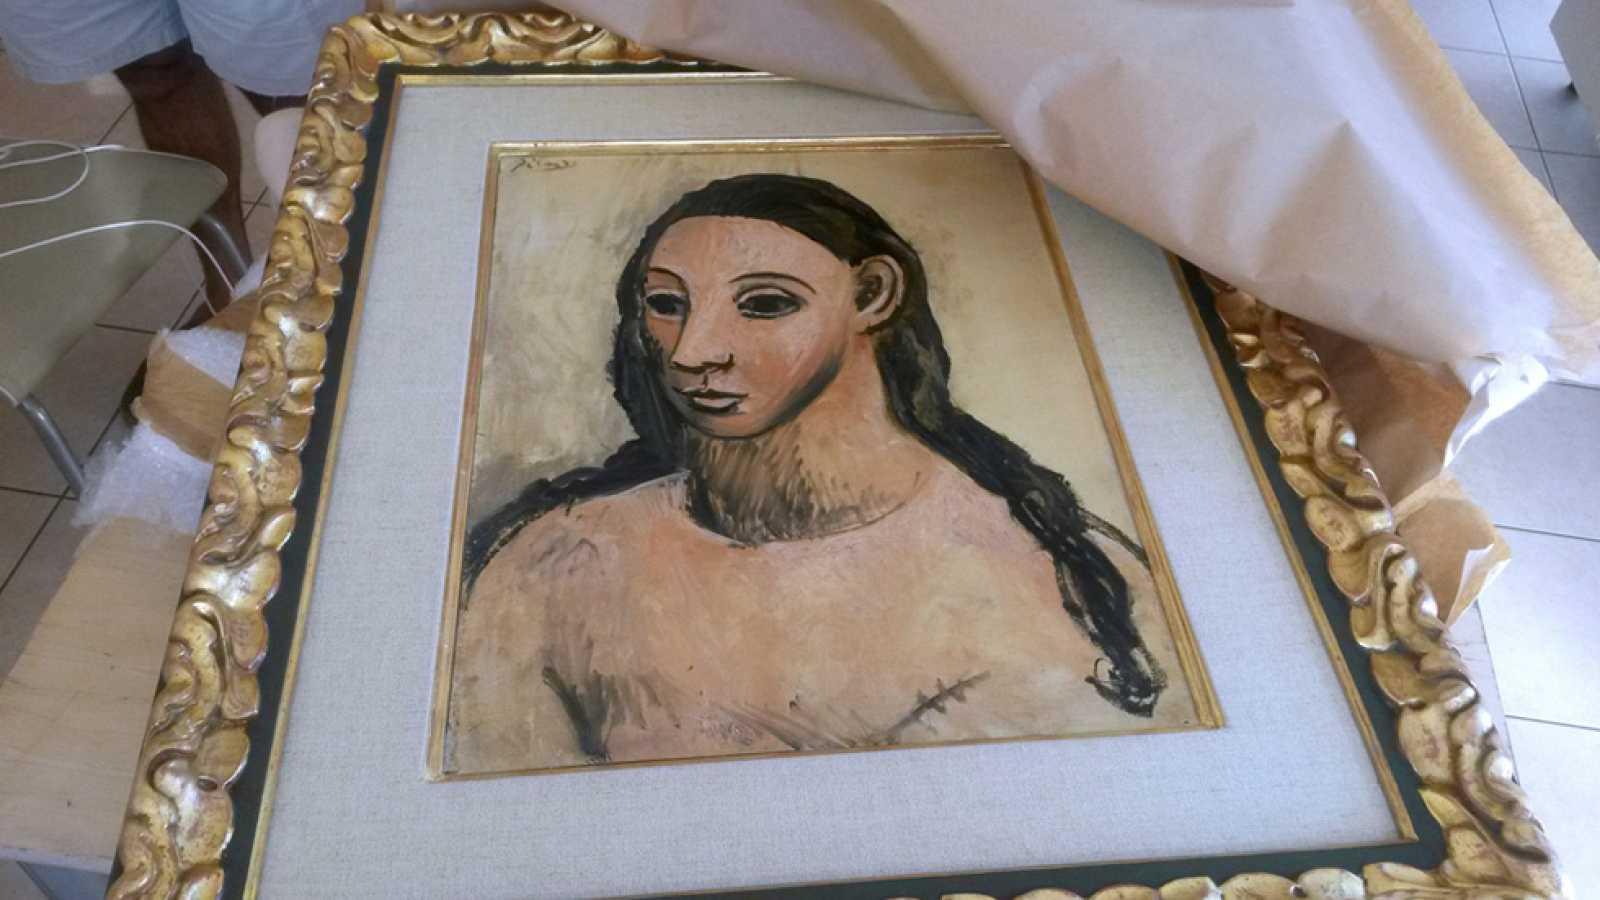 La obra de Picasso 'Cabeza de mujer joven' ya está en Madrid